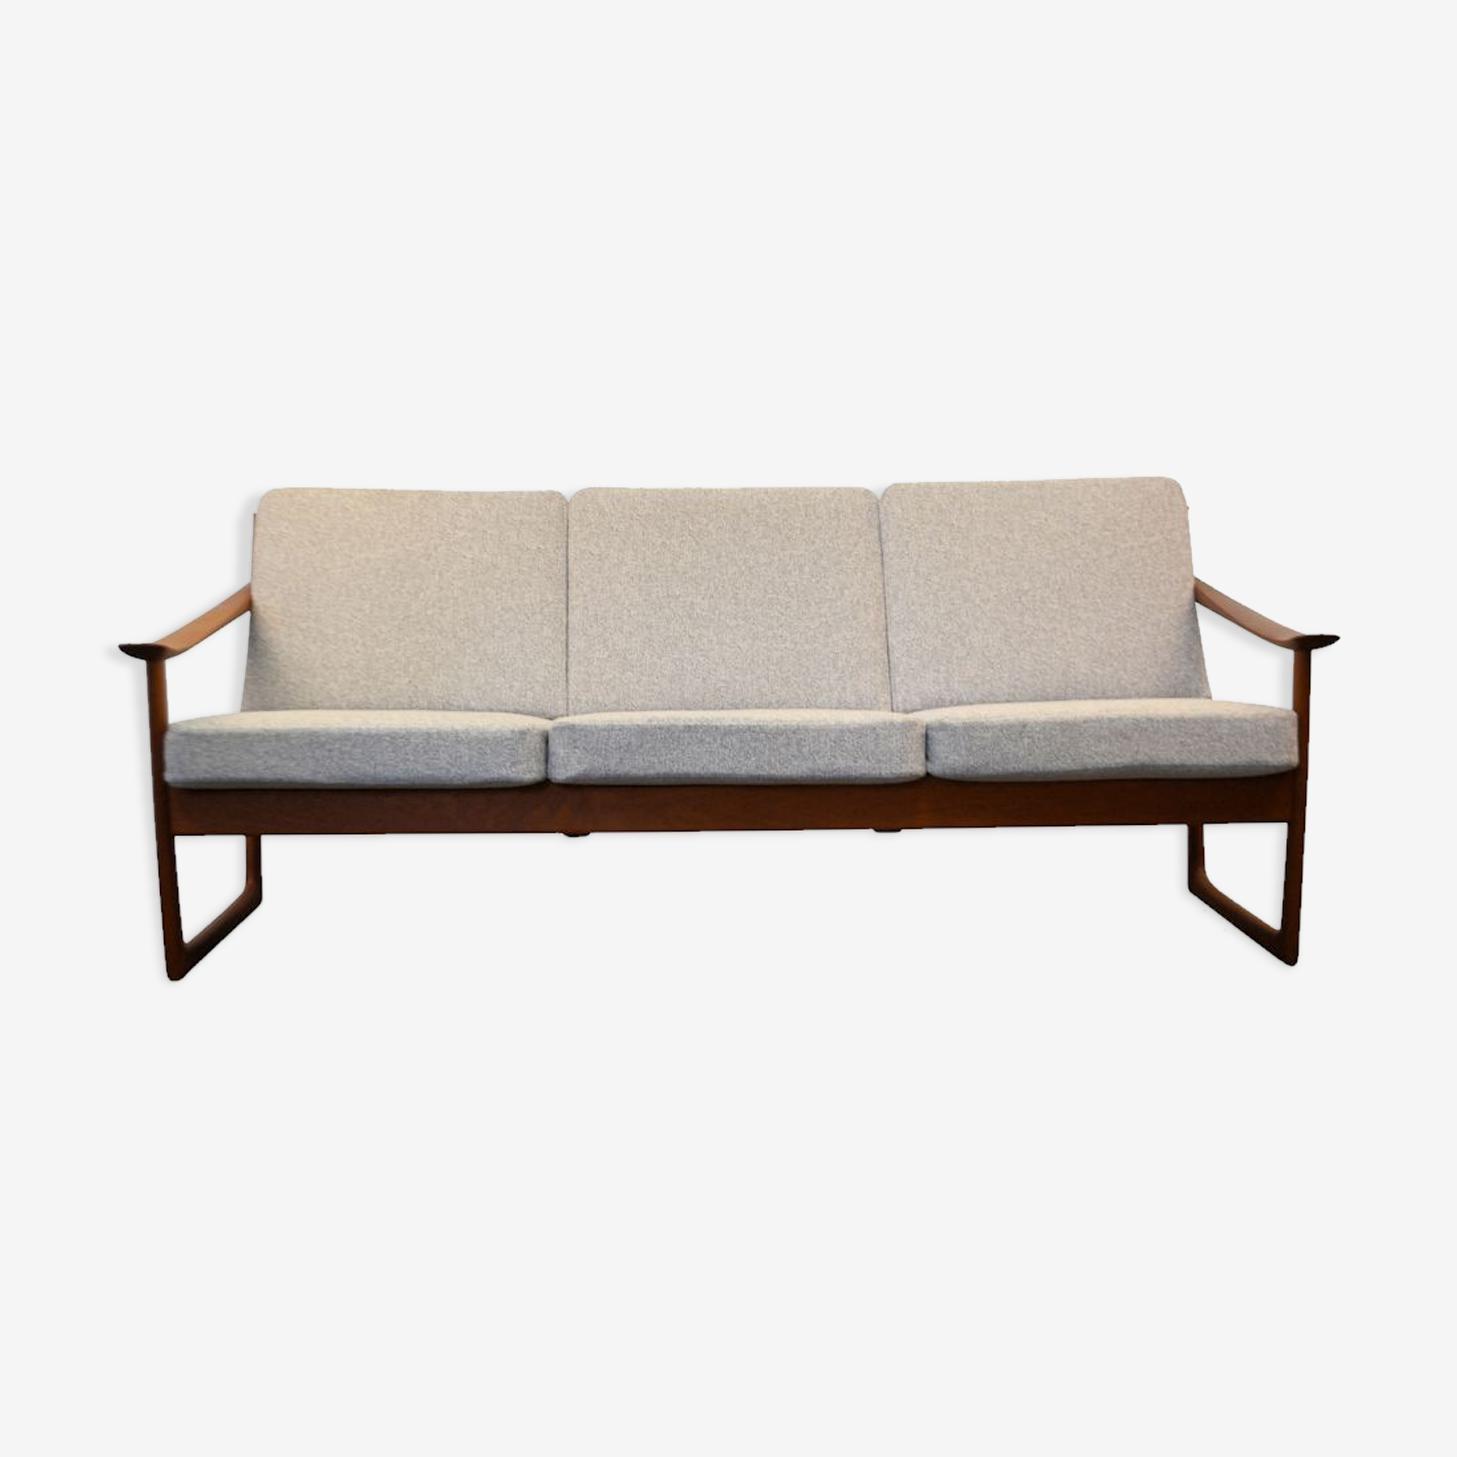 Canapé 3 places par Peter Hvidt & Orla mimouni-Nielsen FD130